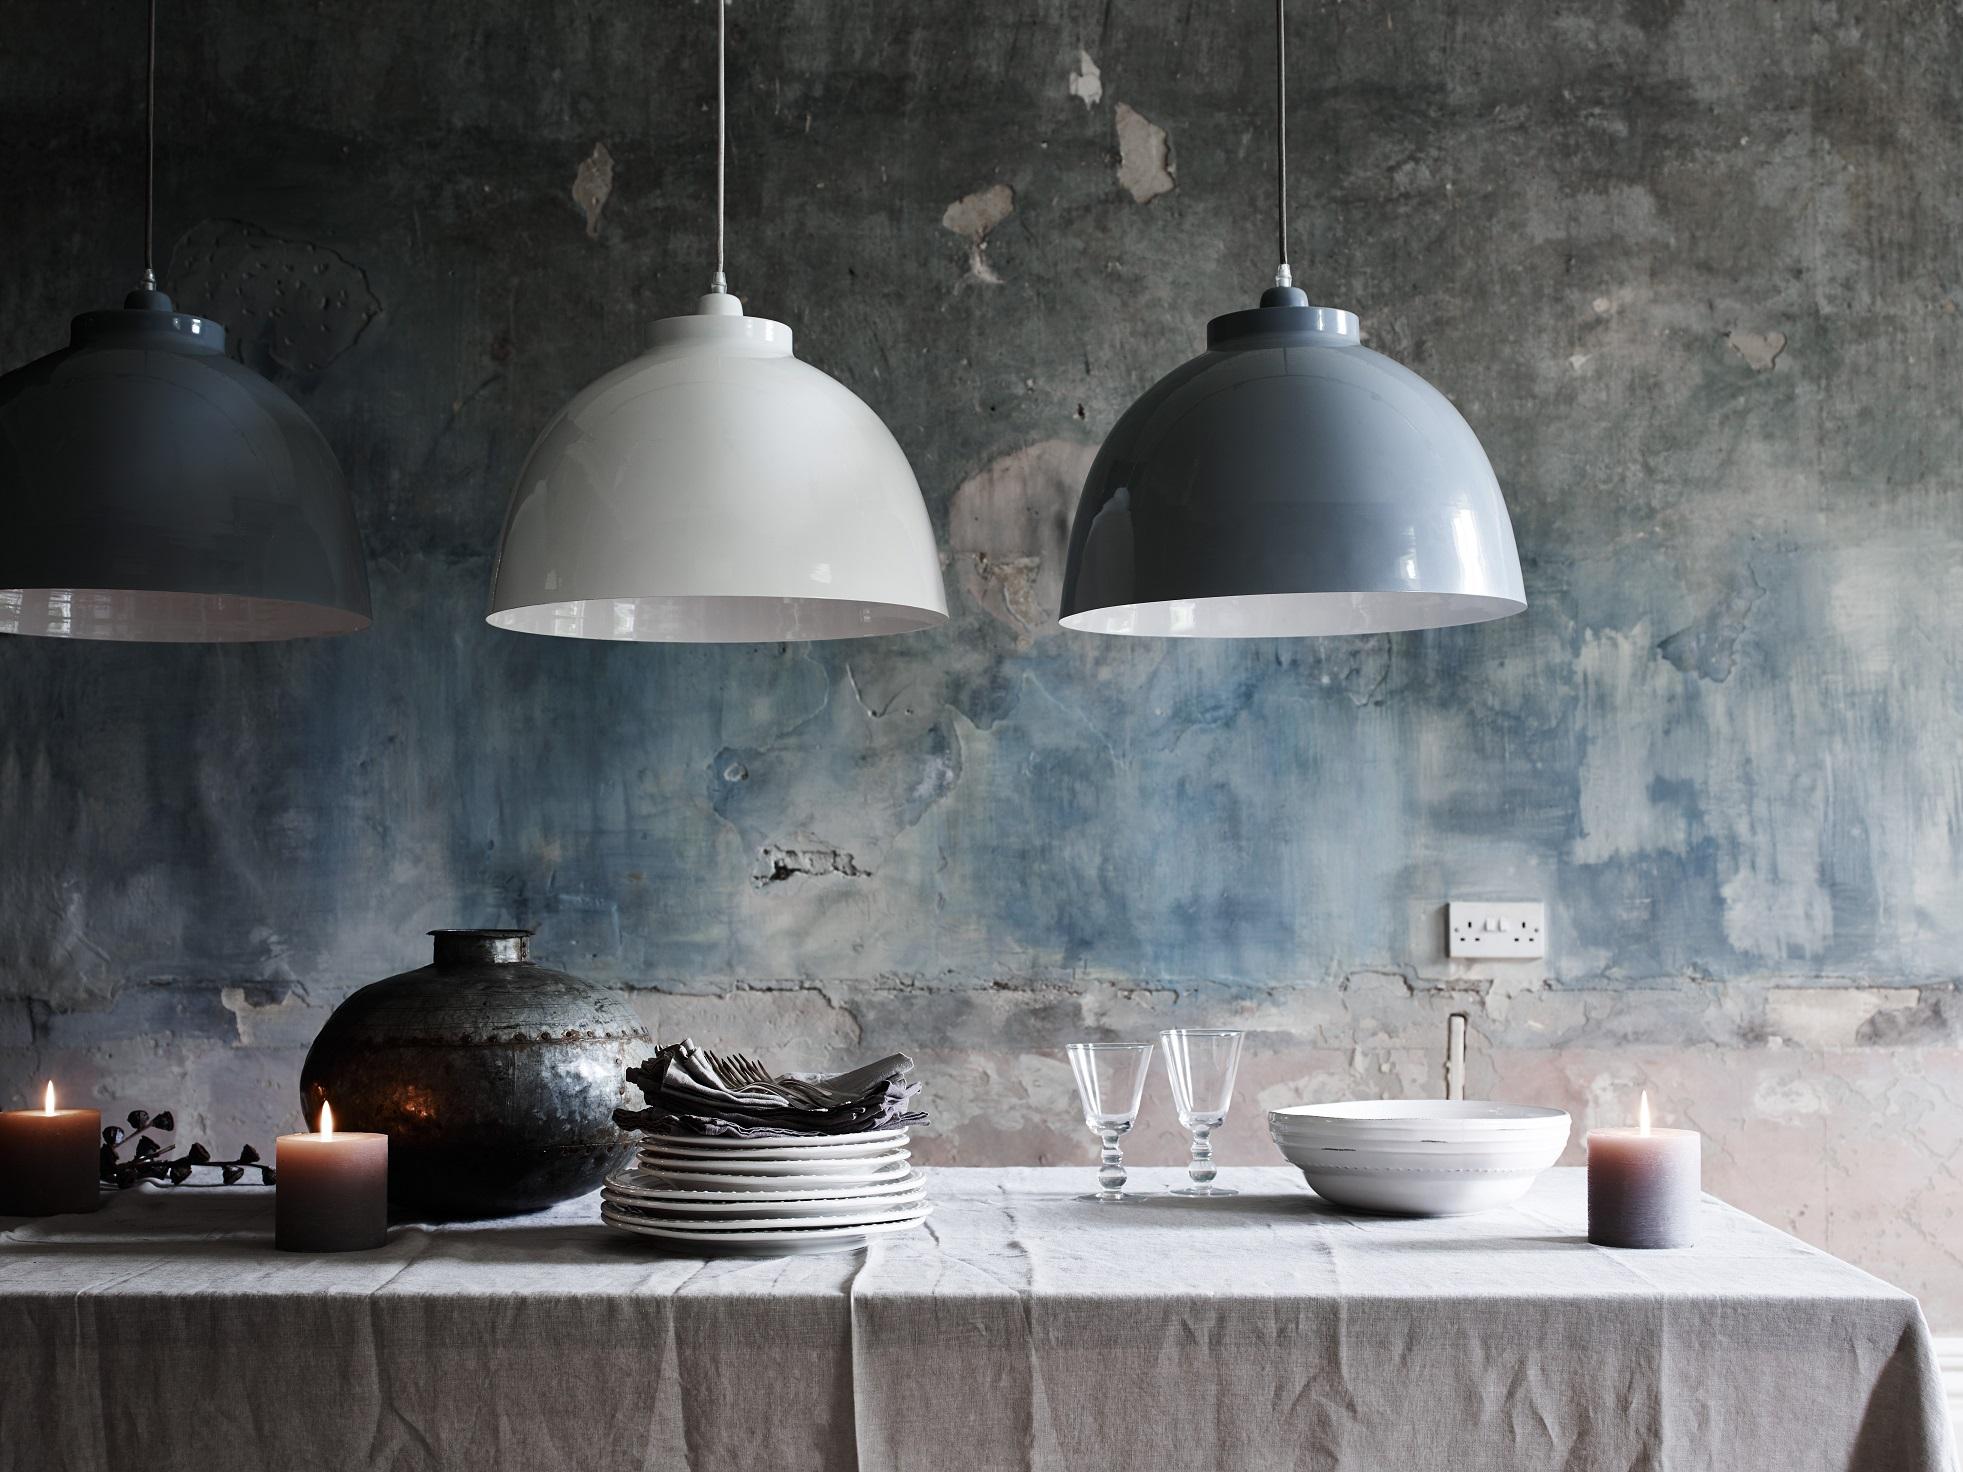 De Byron hanglampen van Neptune zijn prachtig in veelvoud boven de eettafel. In verschillende kleuren